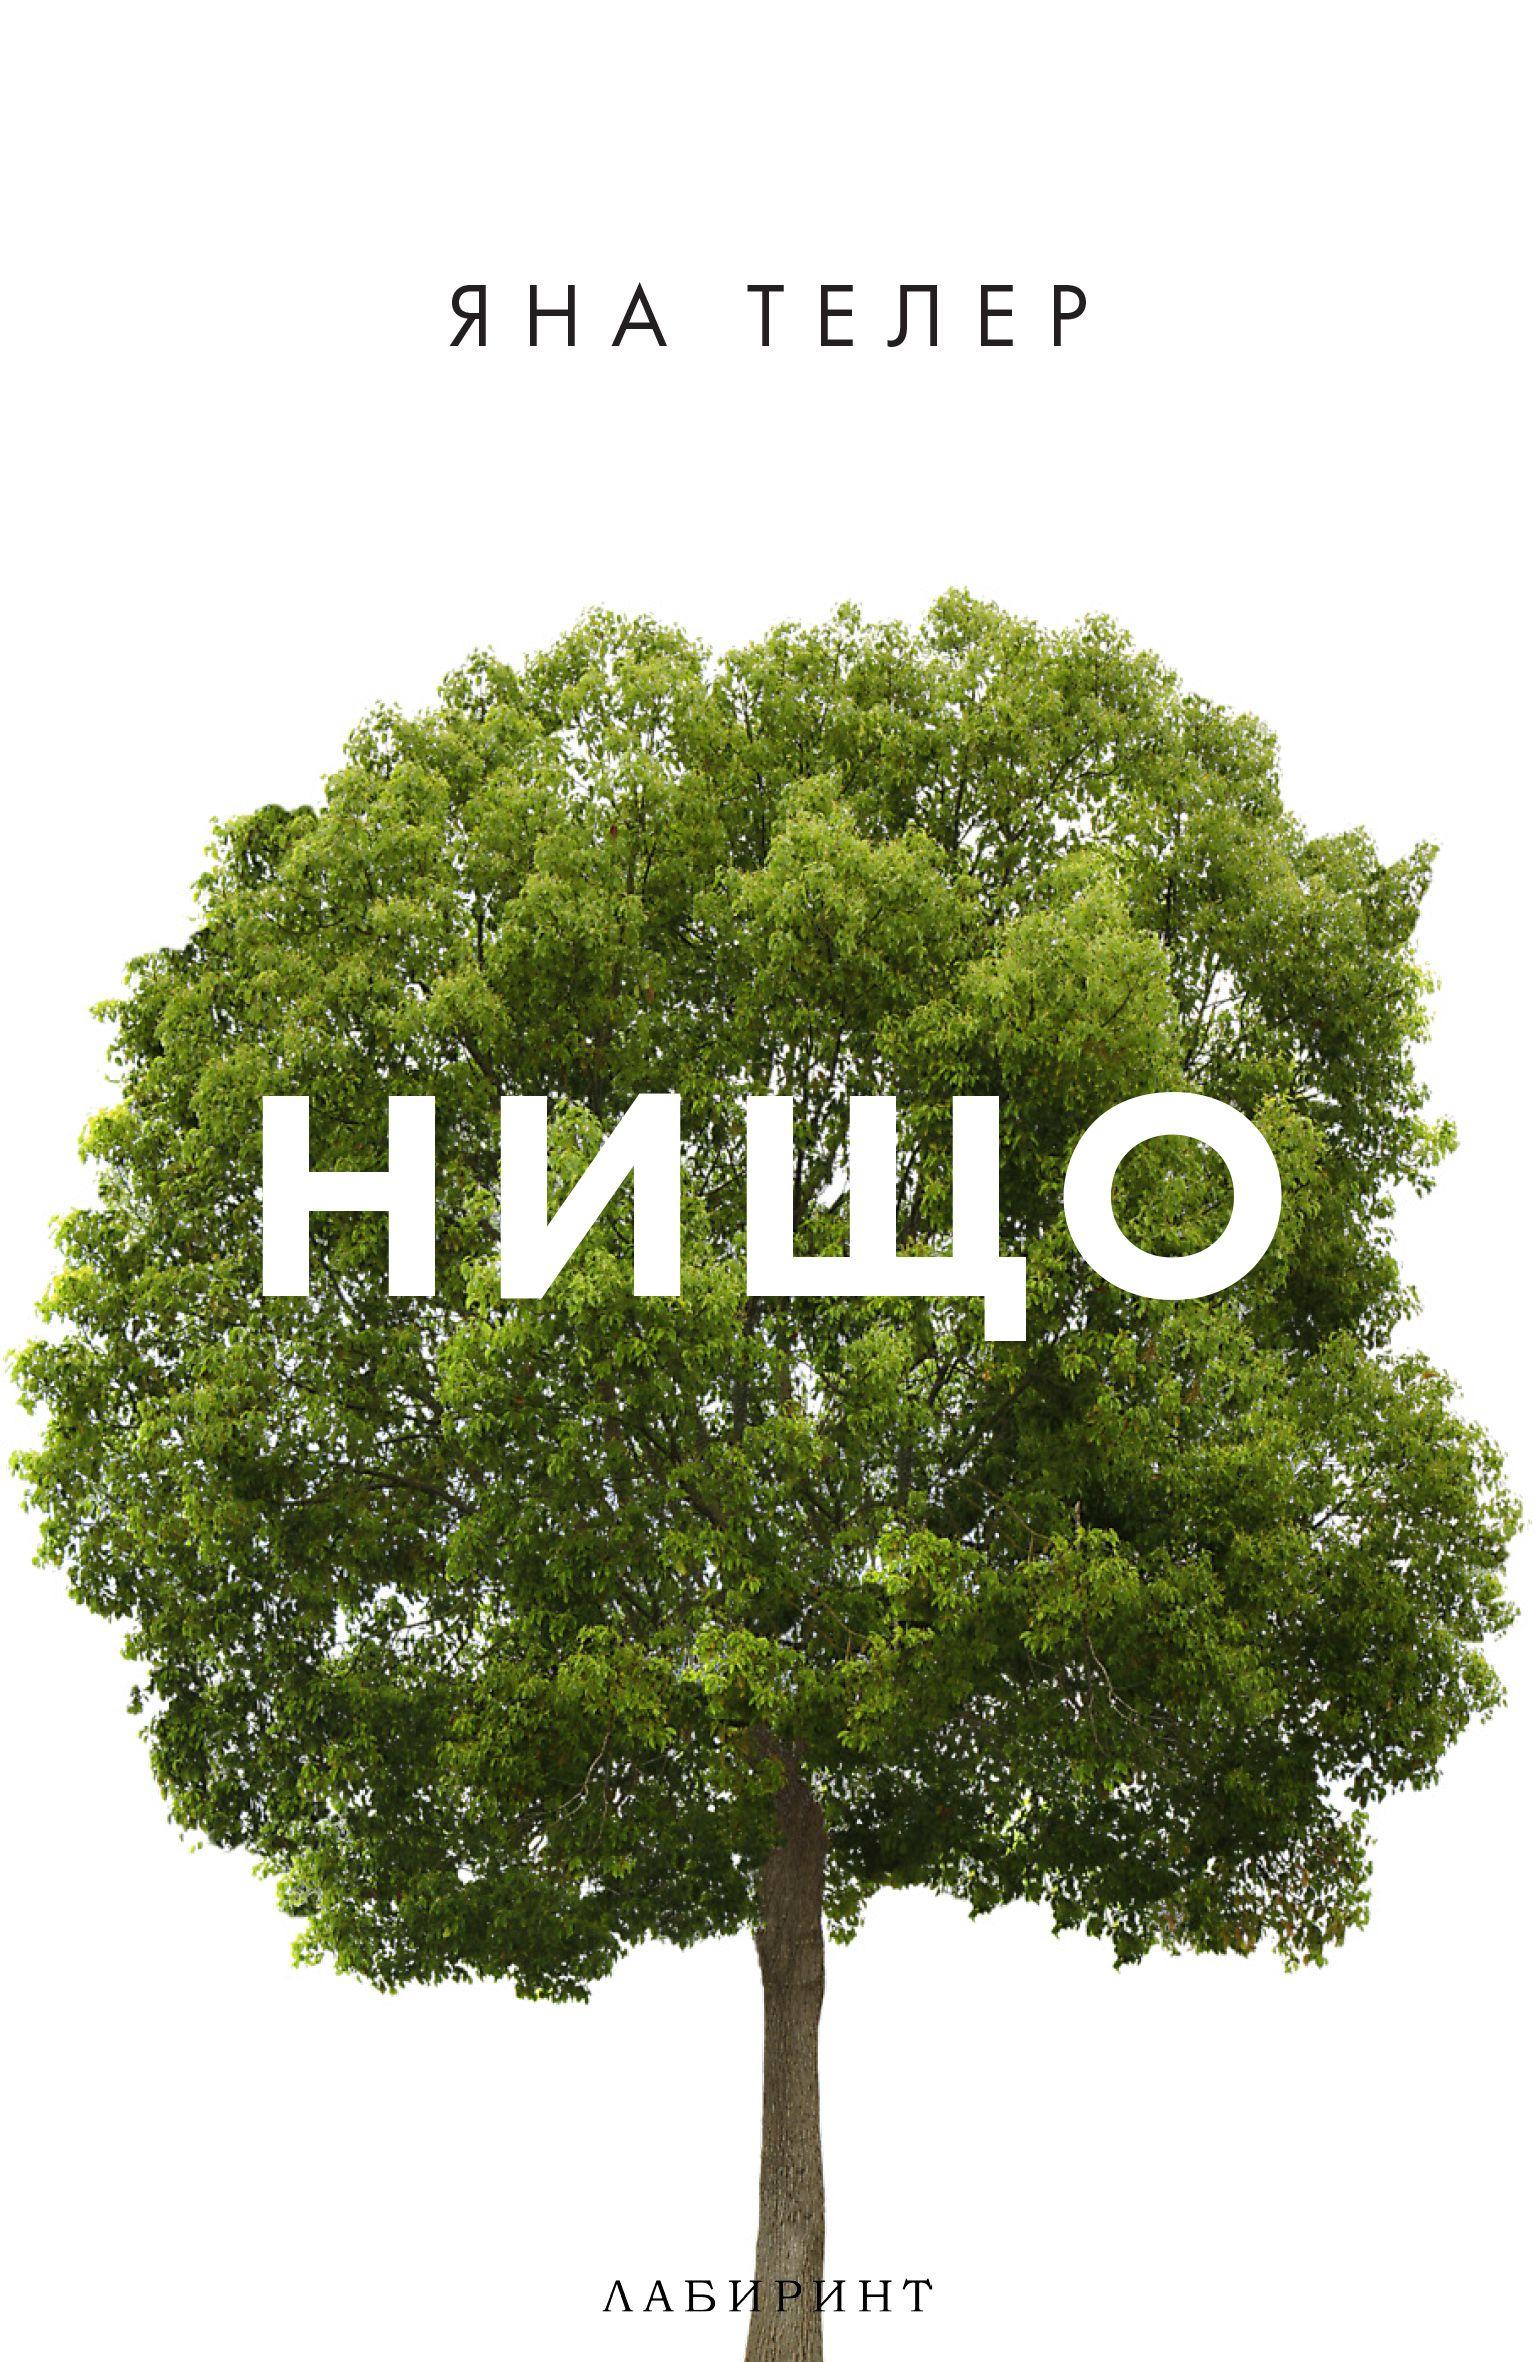 nishto - 1